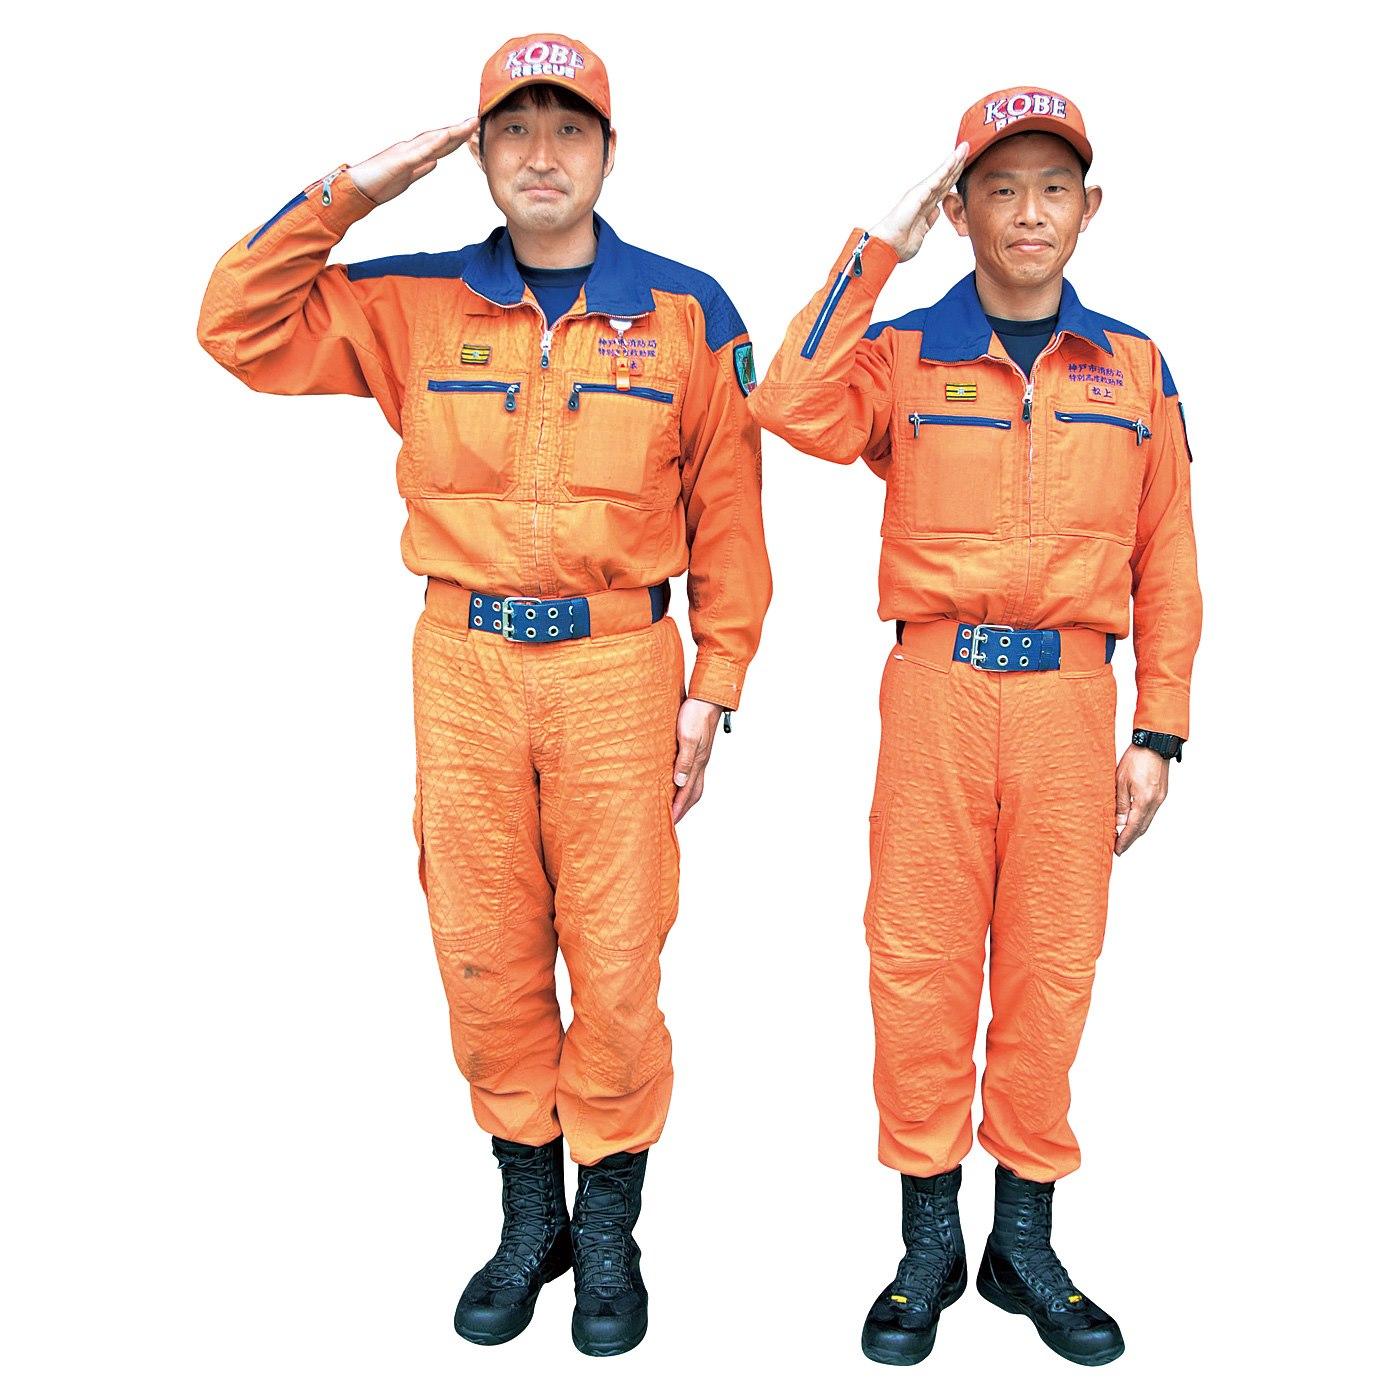 <ブルー・オレンジ共通>大規模災害や特殊災害には特別高度救助隊「スーパーイーグルこうべ」が出動します。